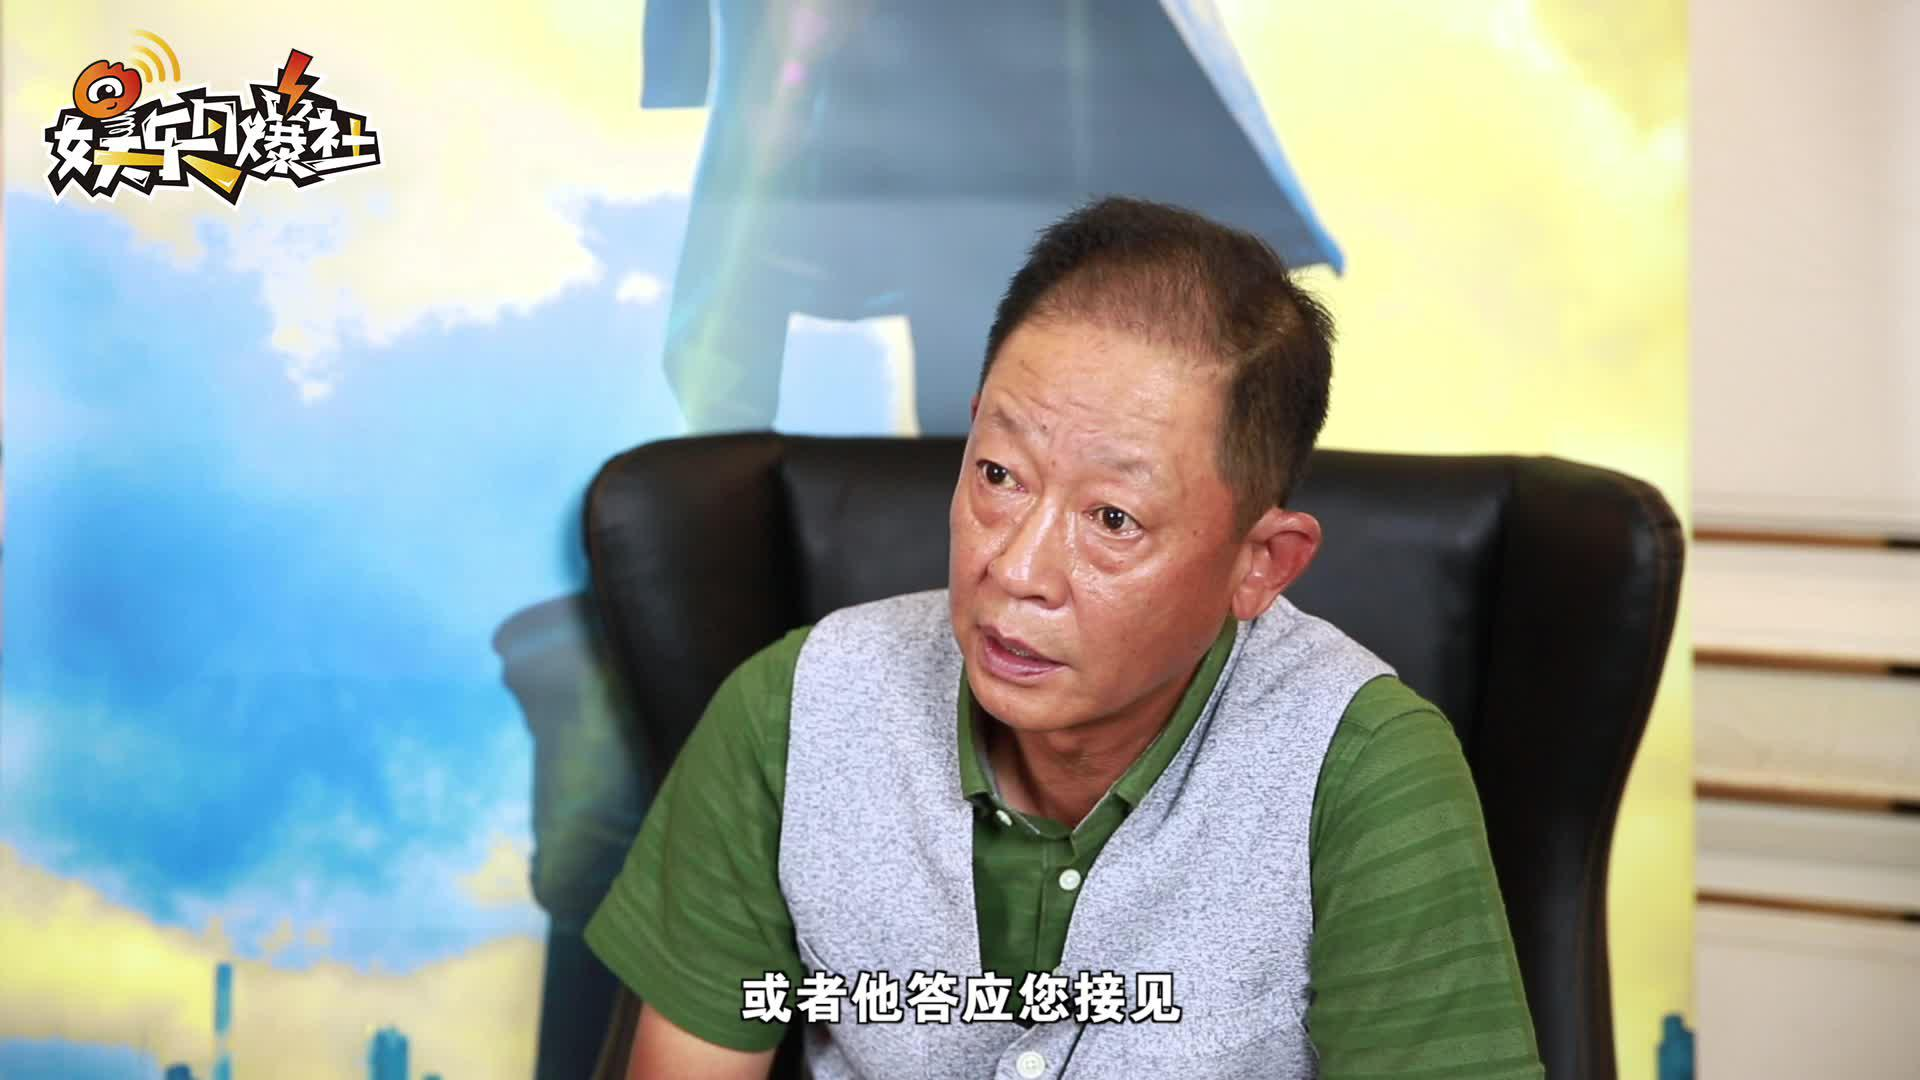 王志文:儿子不太想当演员 高级的表演就是舒服